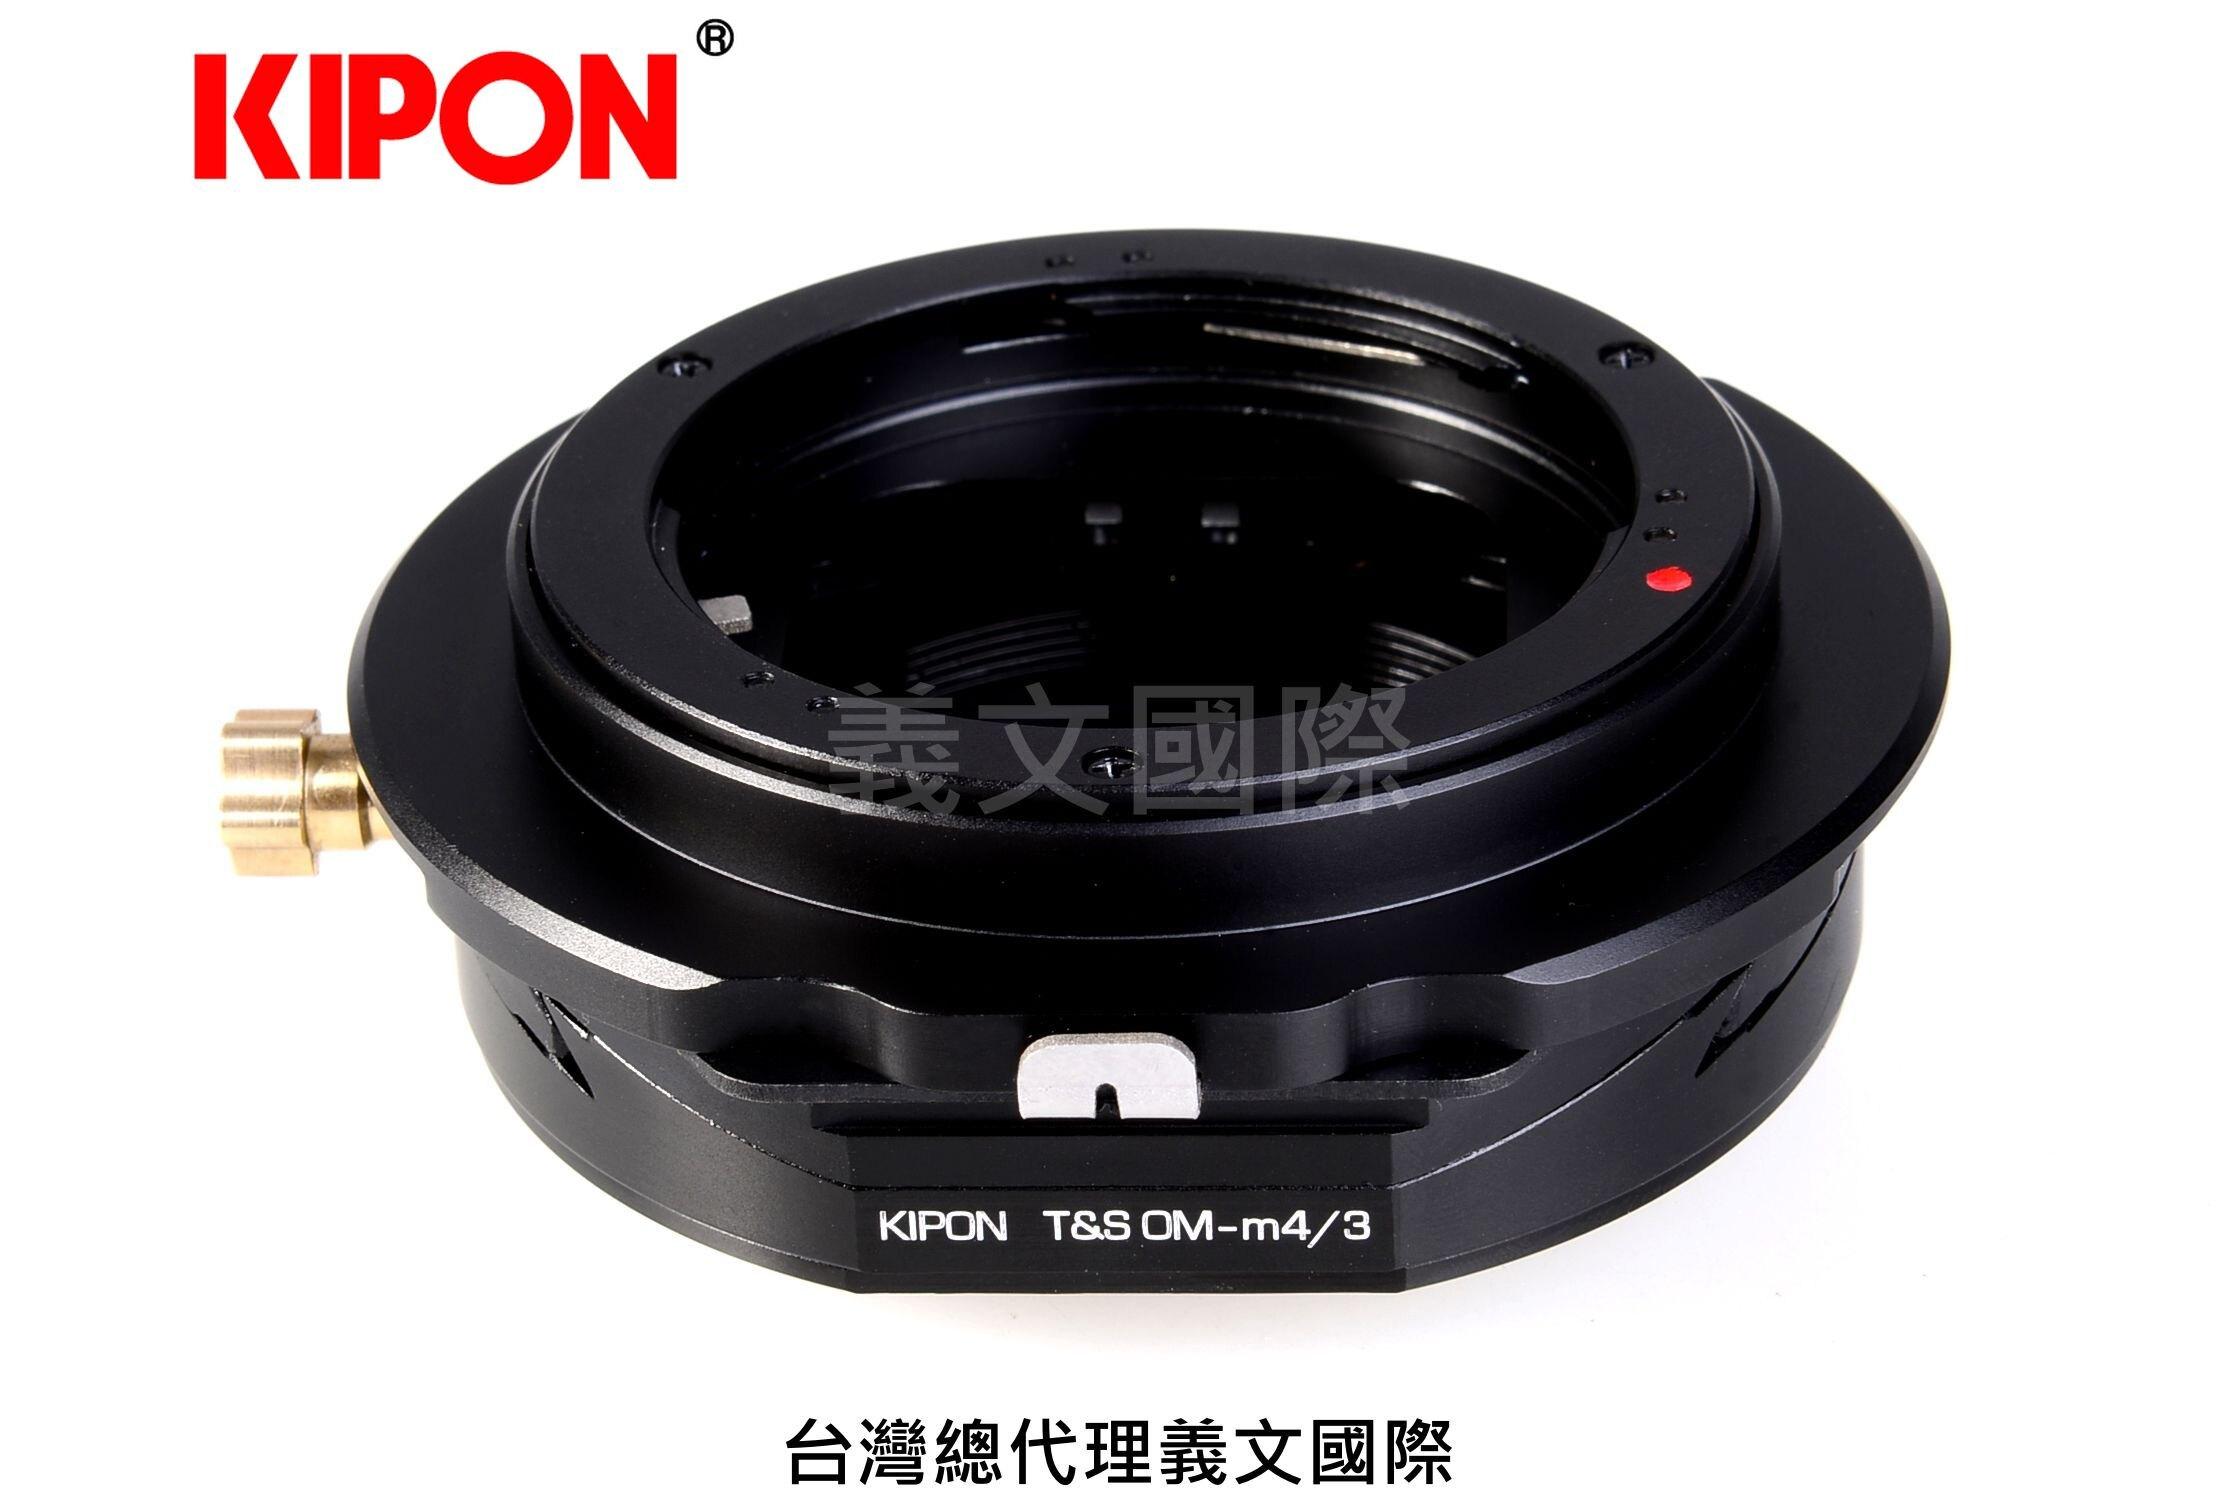 Kipon轉接環專賣店:TILT&SHIFT OM-M4/3(Olympus 4/3)